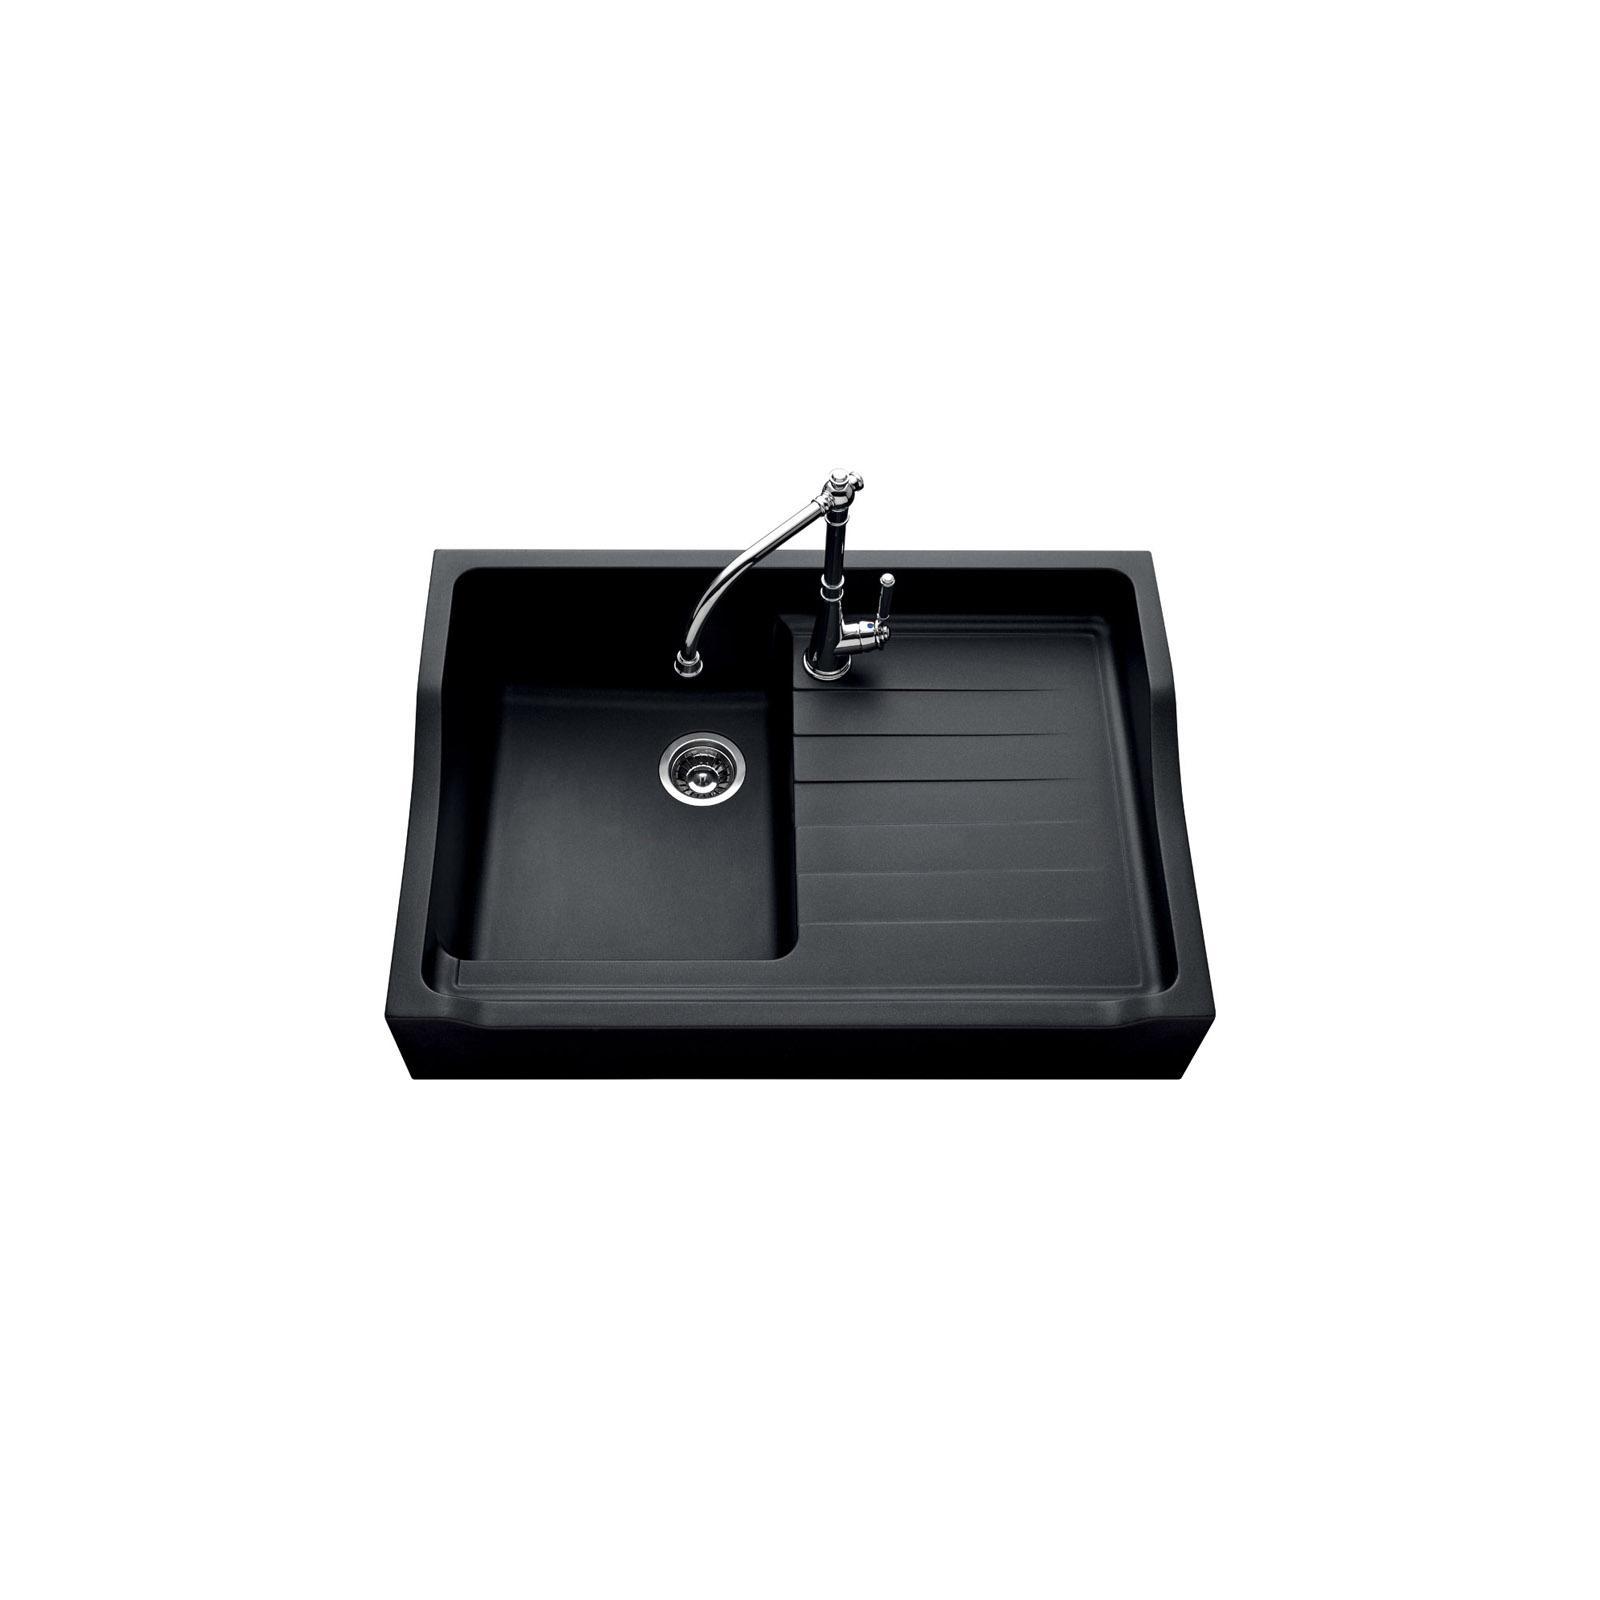 High-quality sink François 1er granit black - one bowl